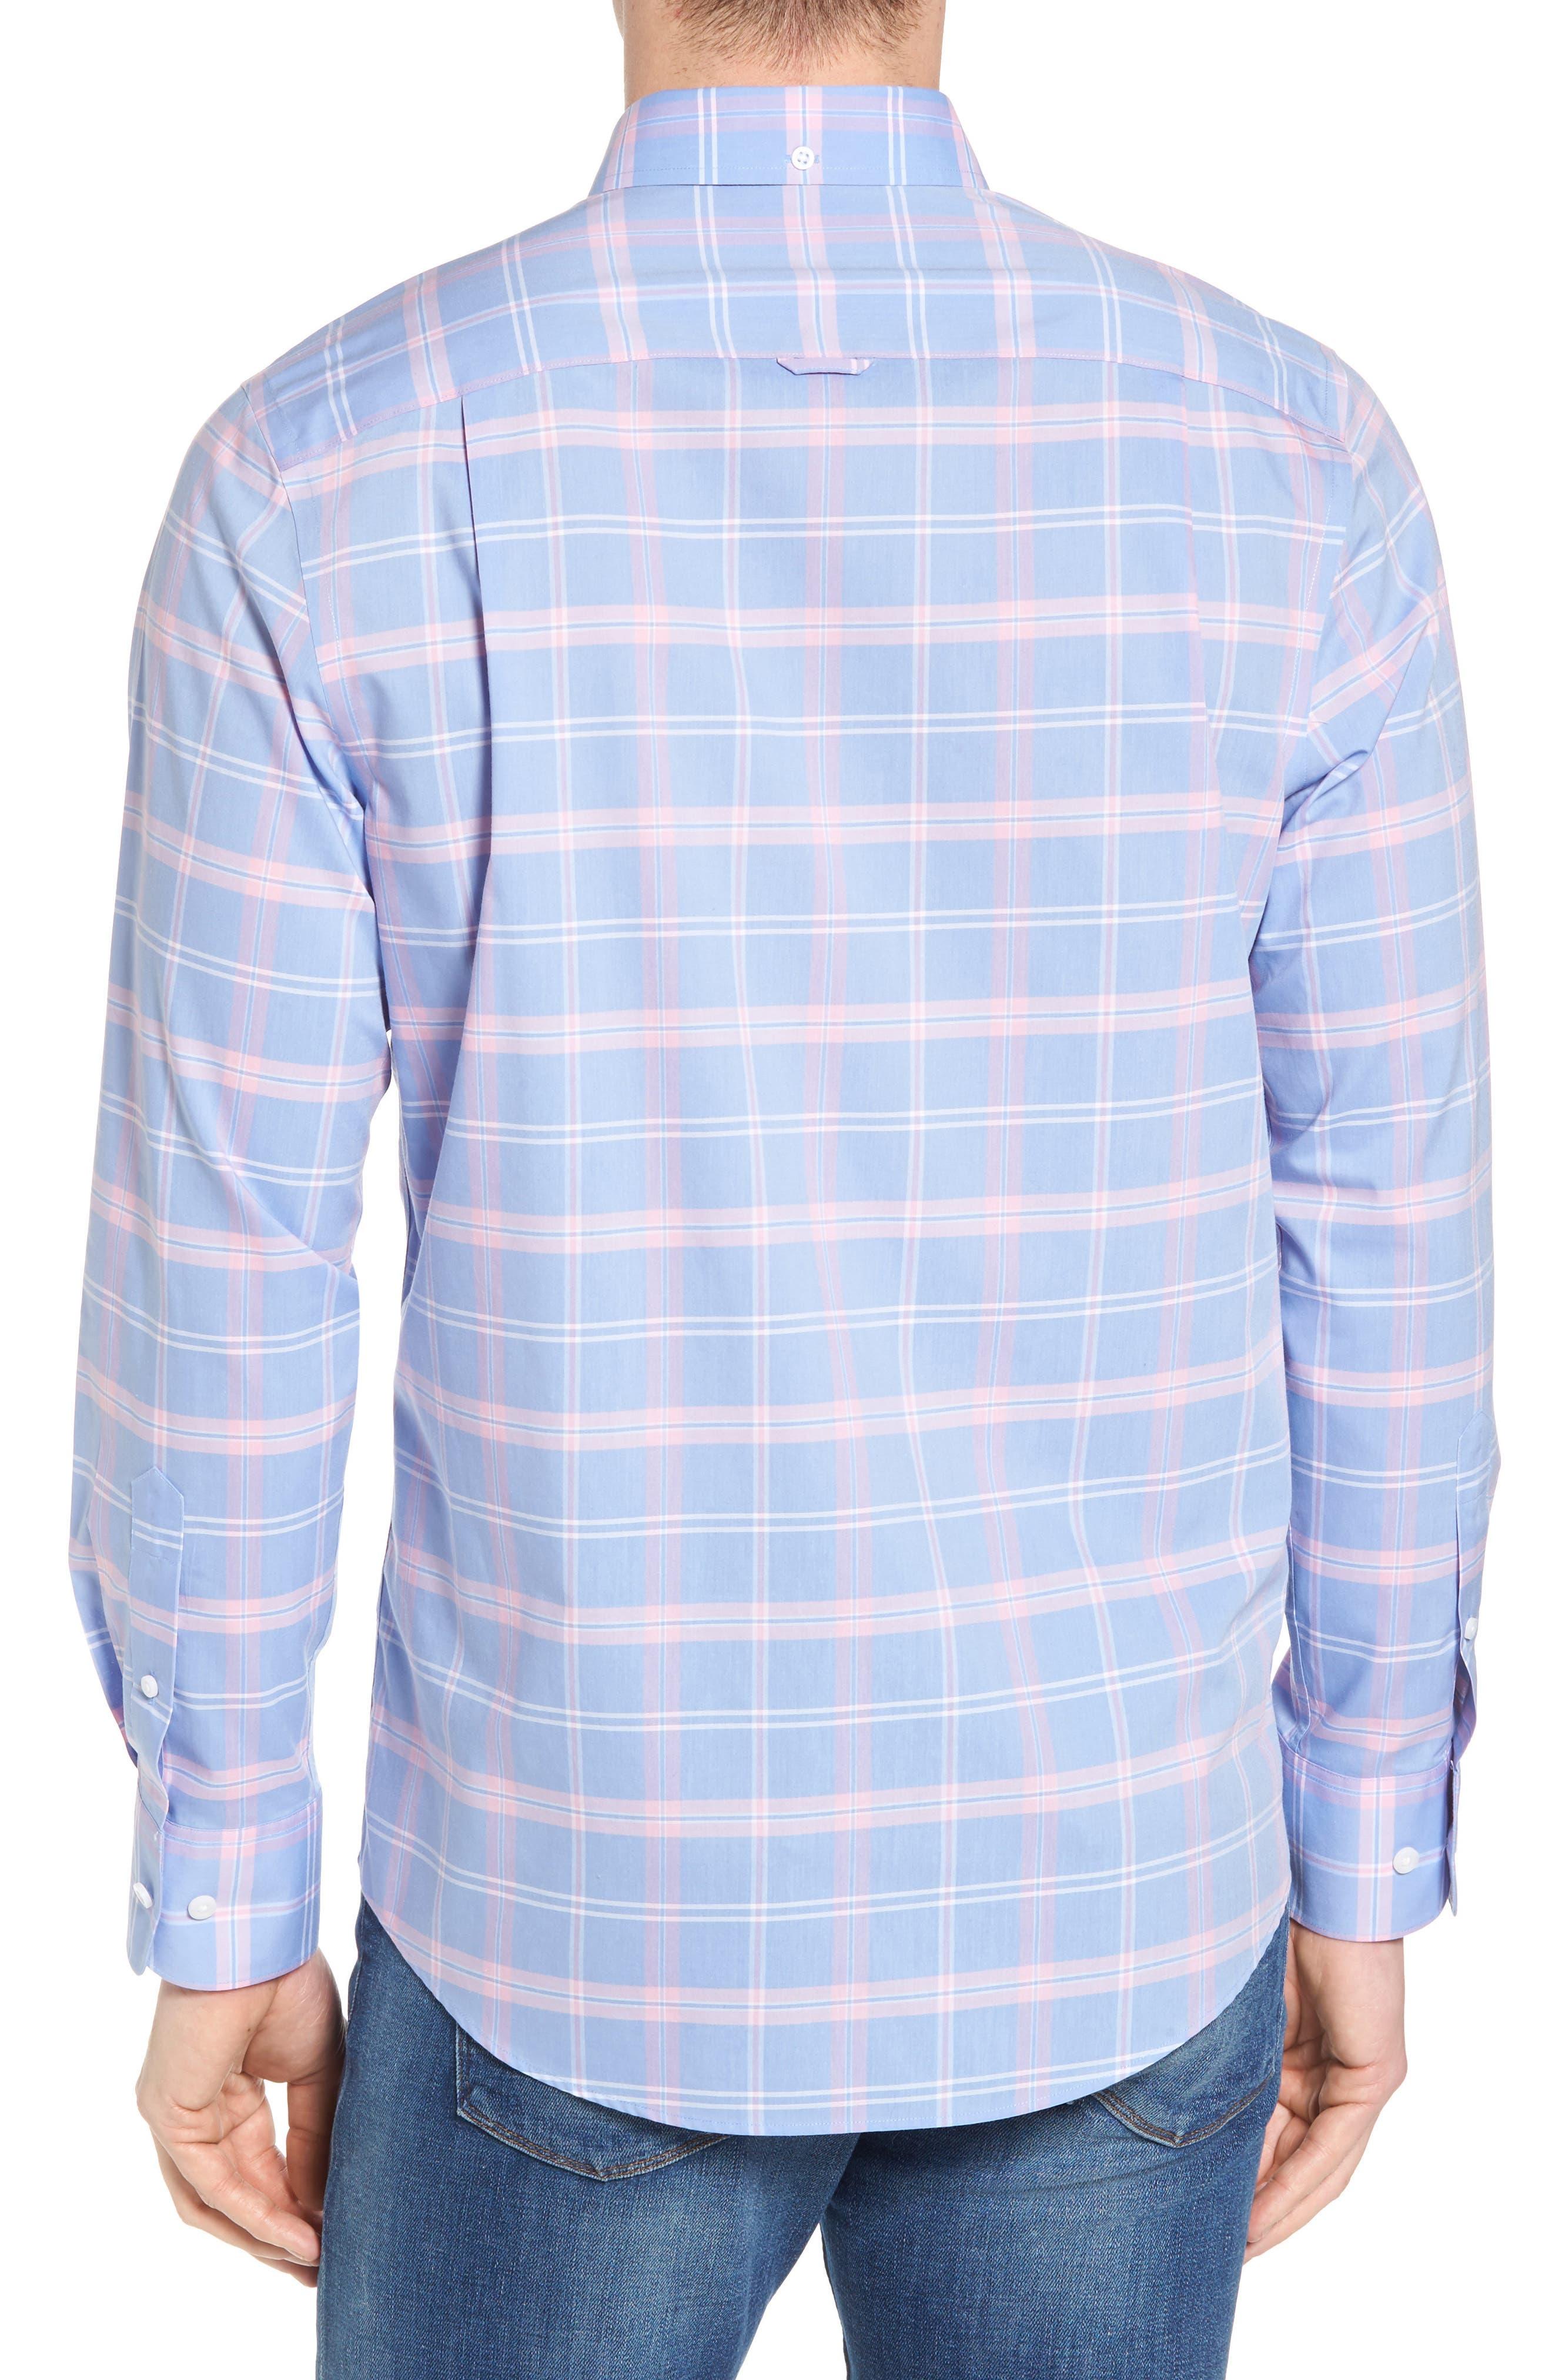 Smartcare<sup>™</sup> Regular Fit Plaid Sport Shirt,                             Alternate thumbnail 2, color,